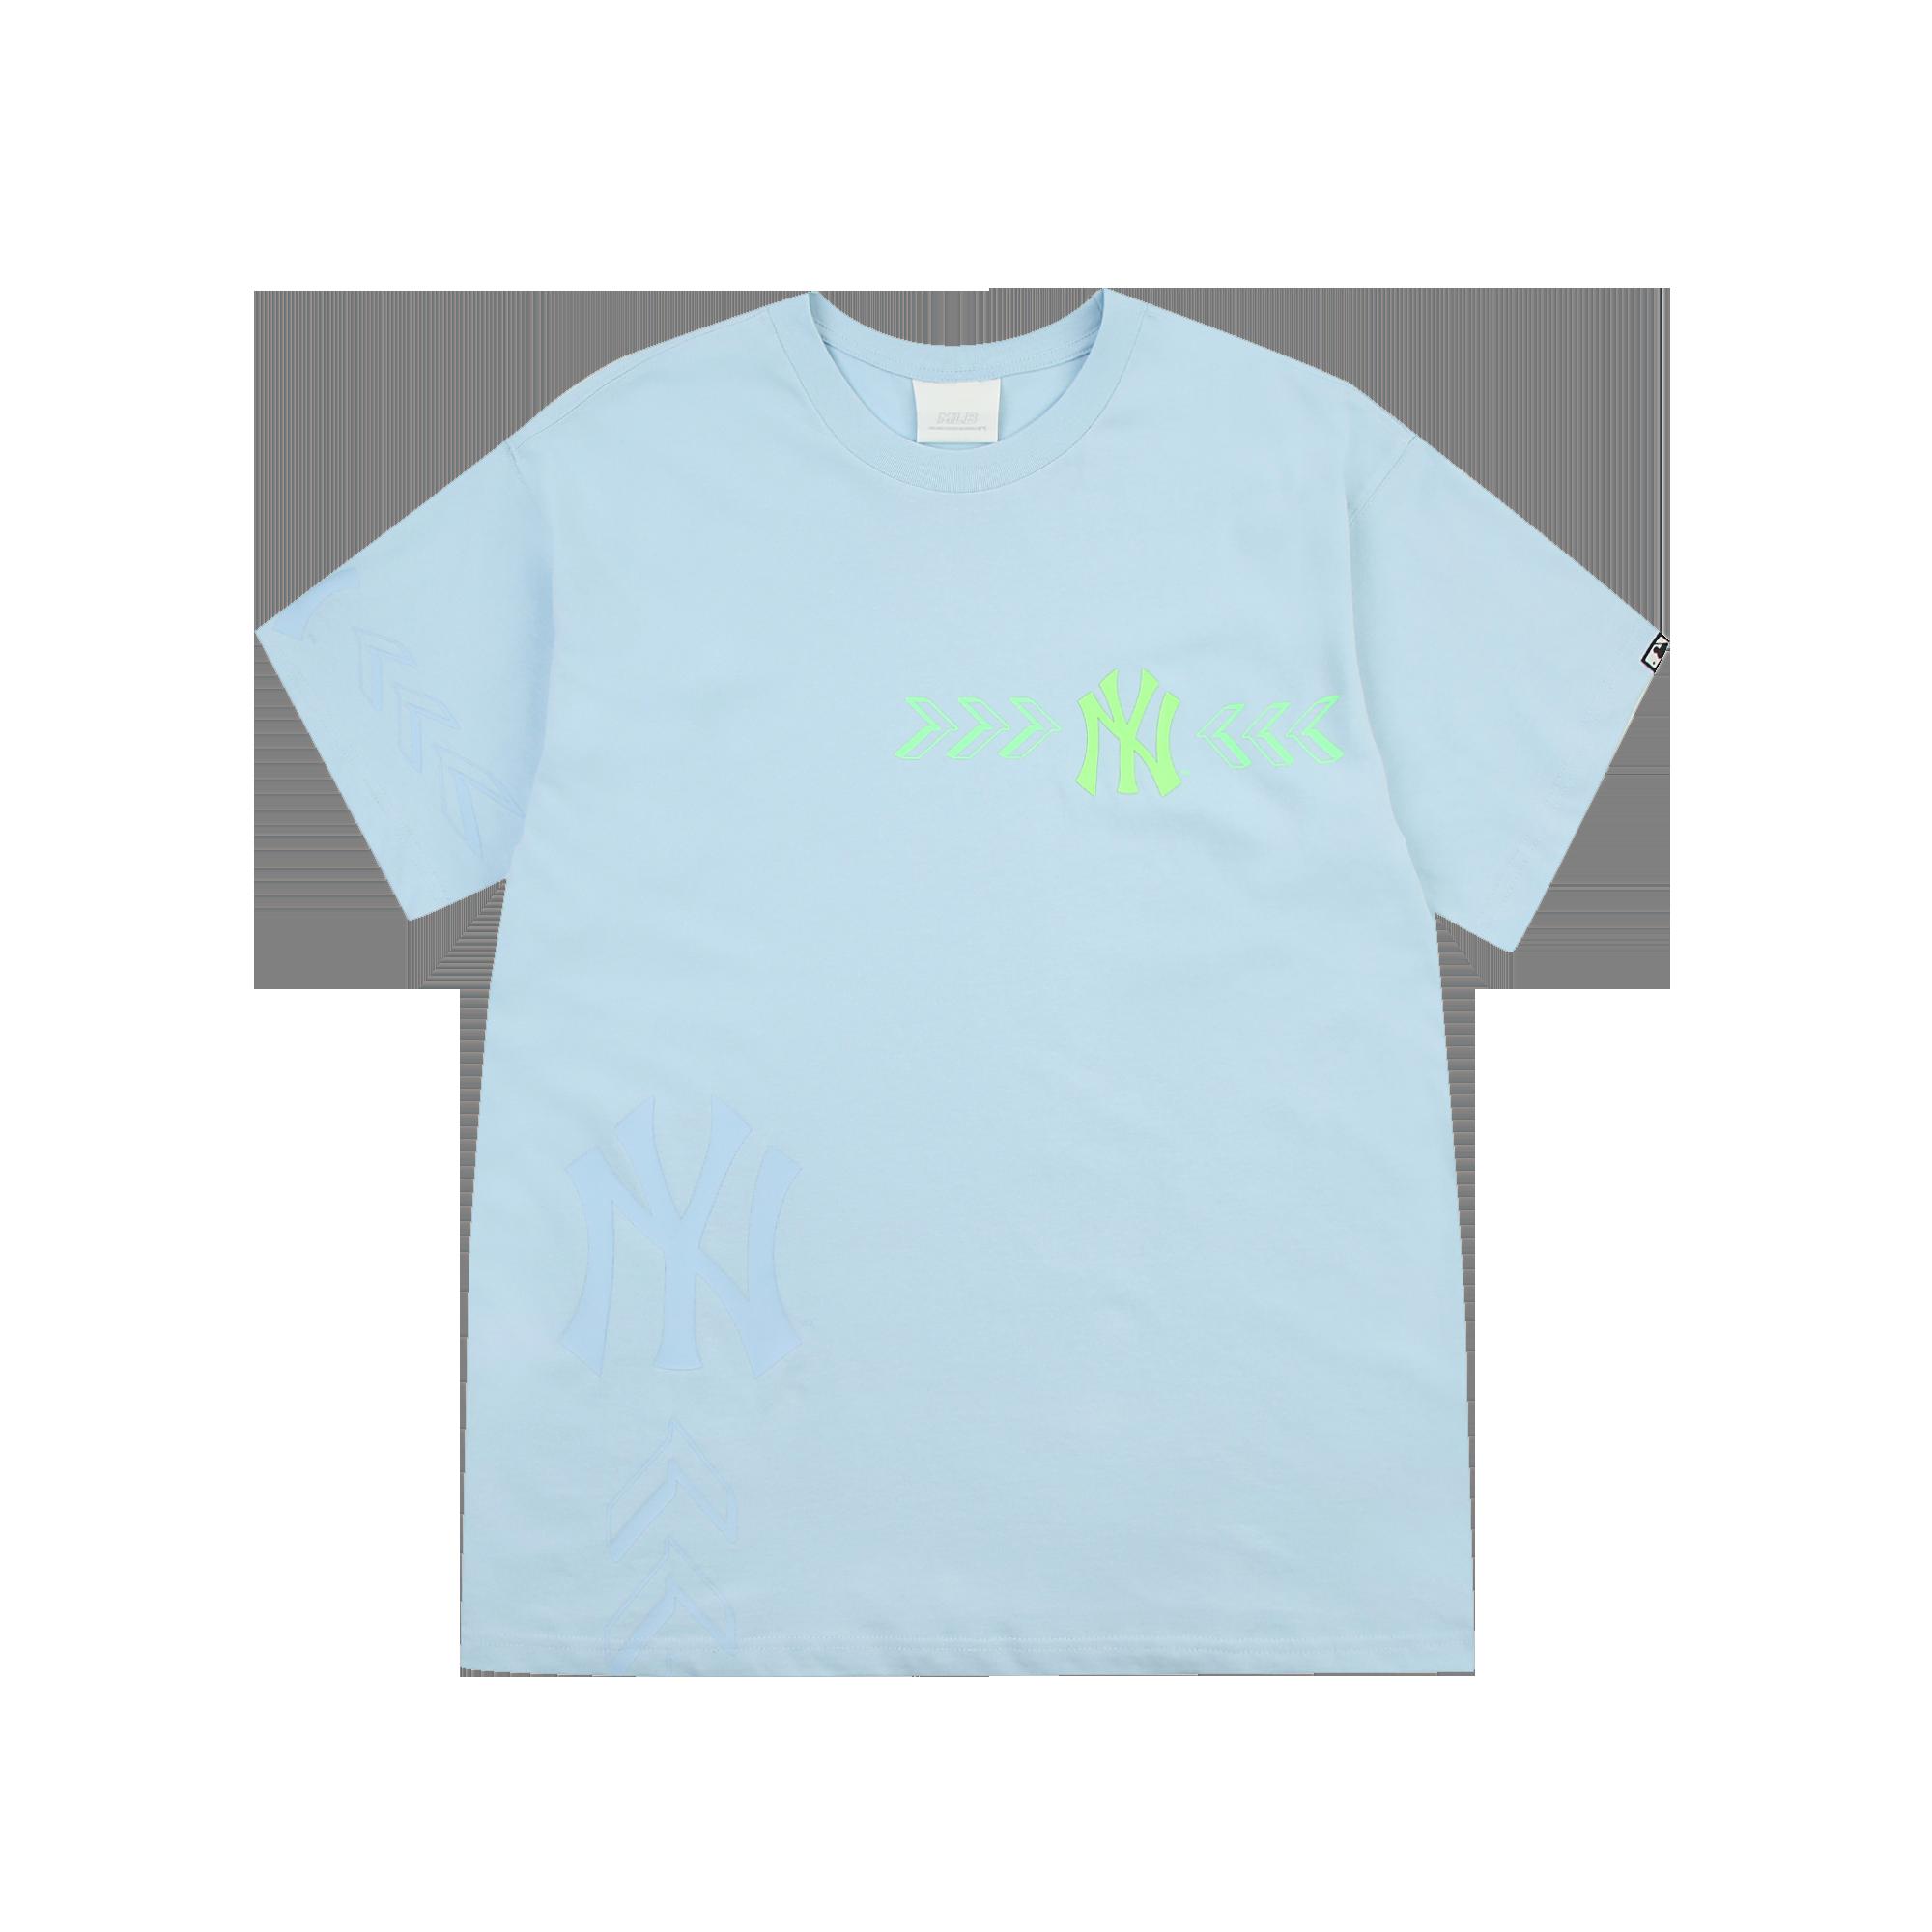 심볼 크로스 오버핏 반팔 티셔츠 뉴욕양키스